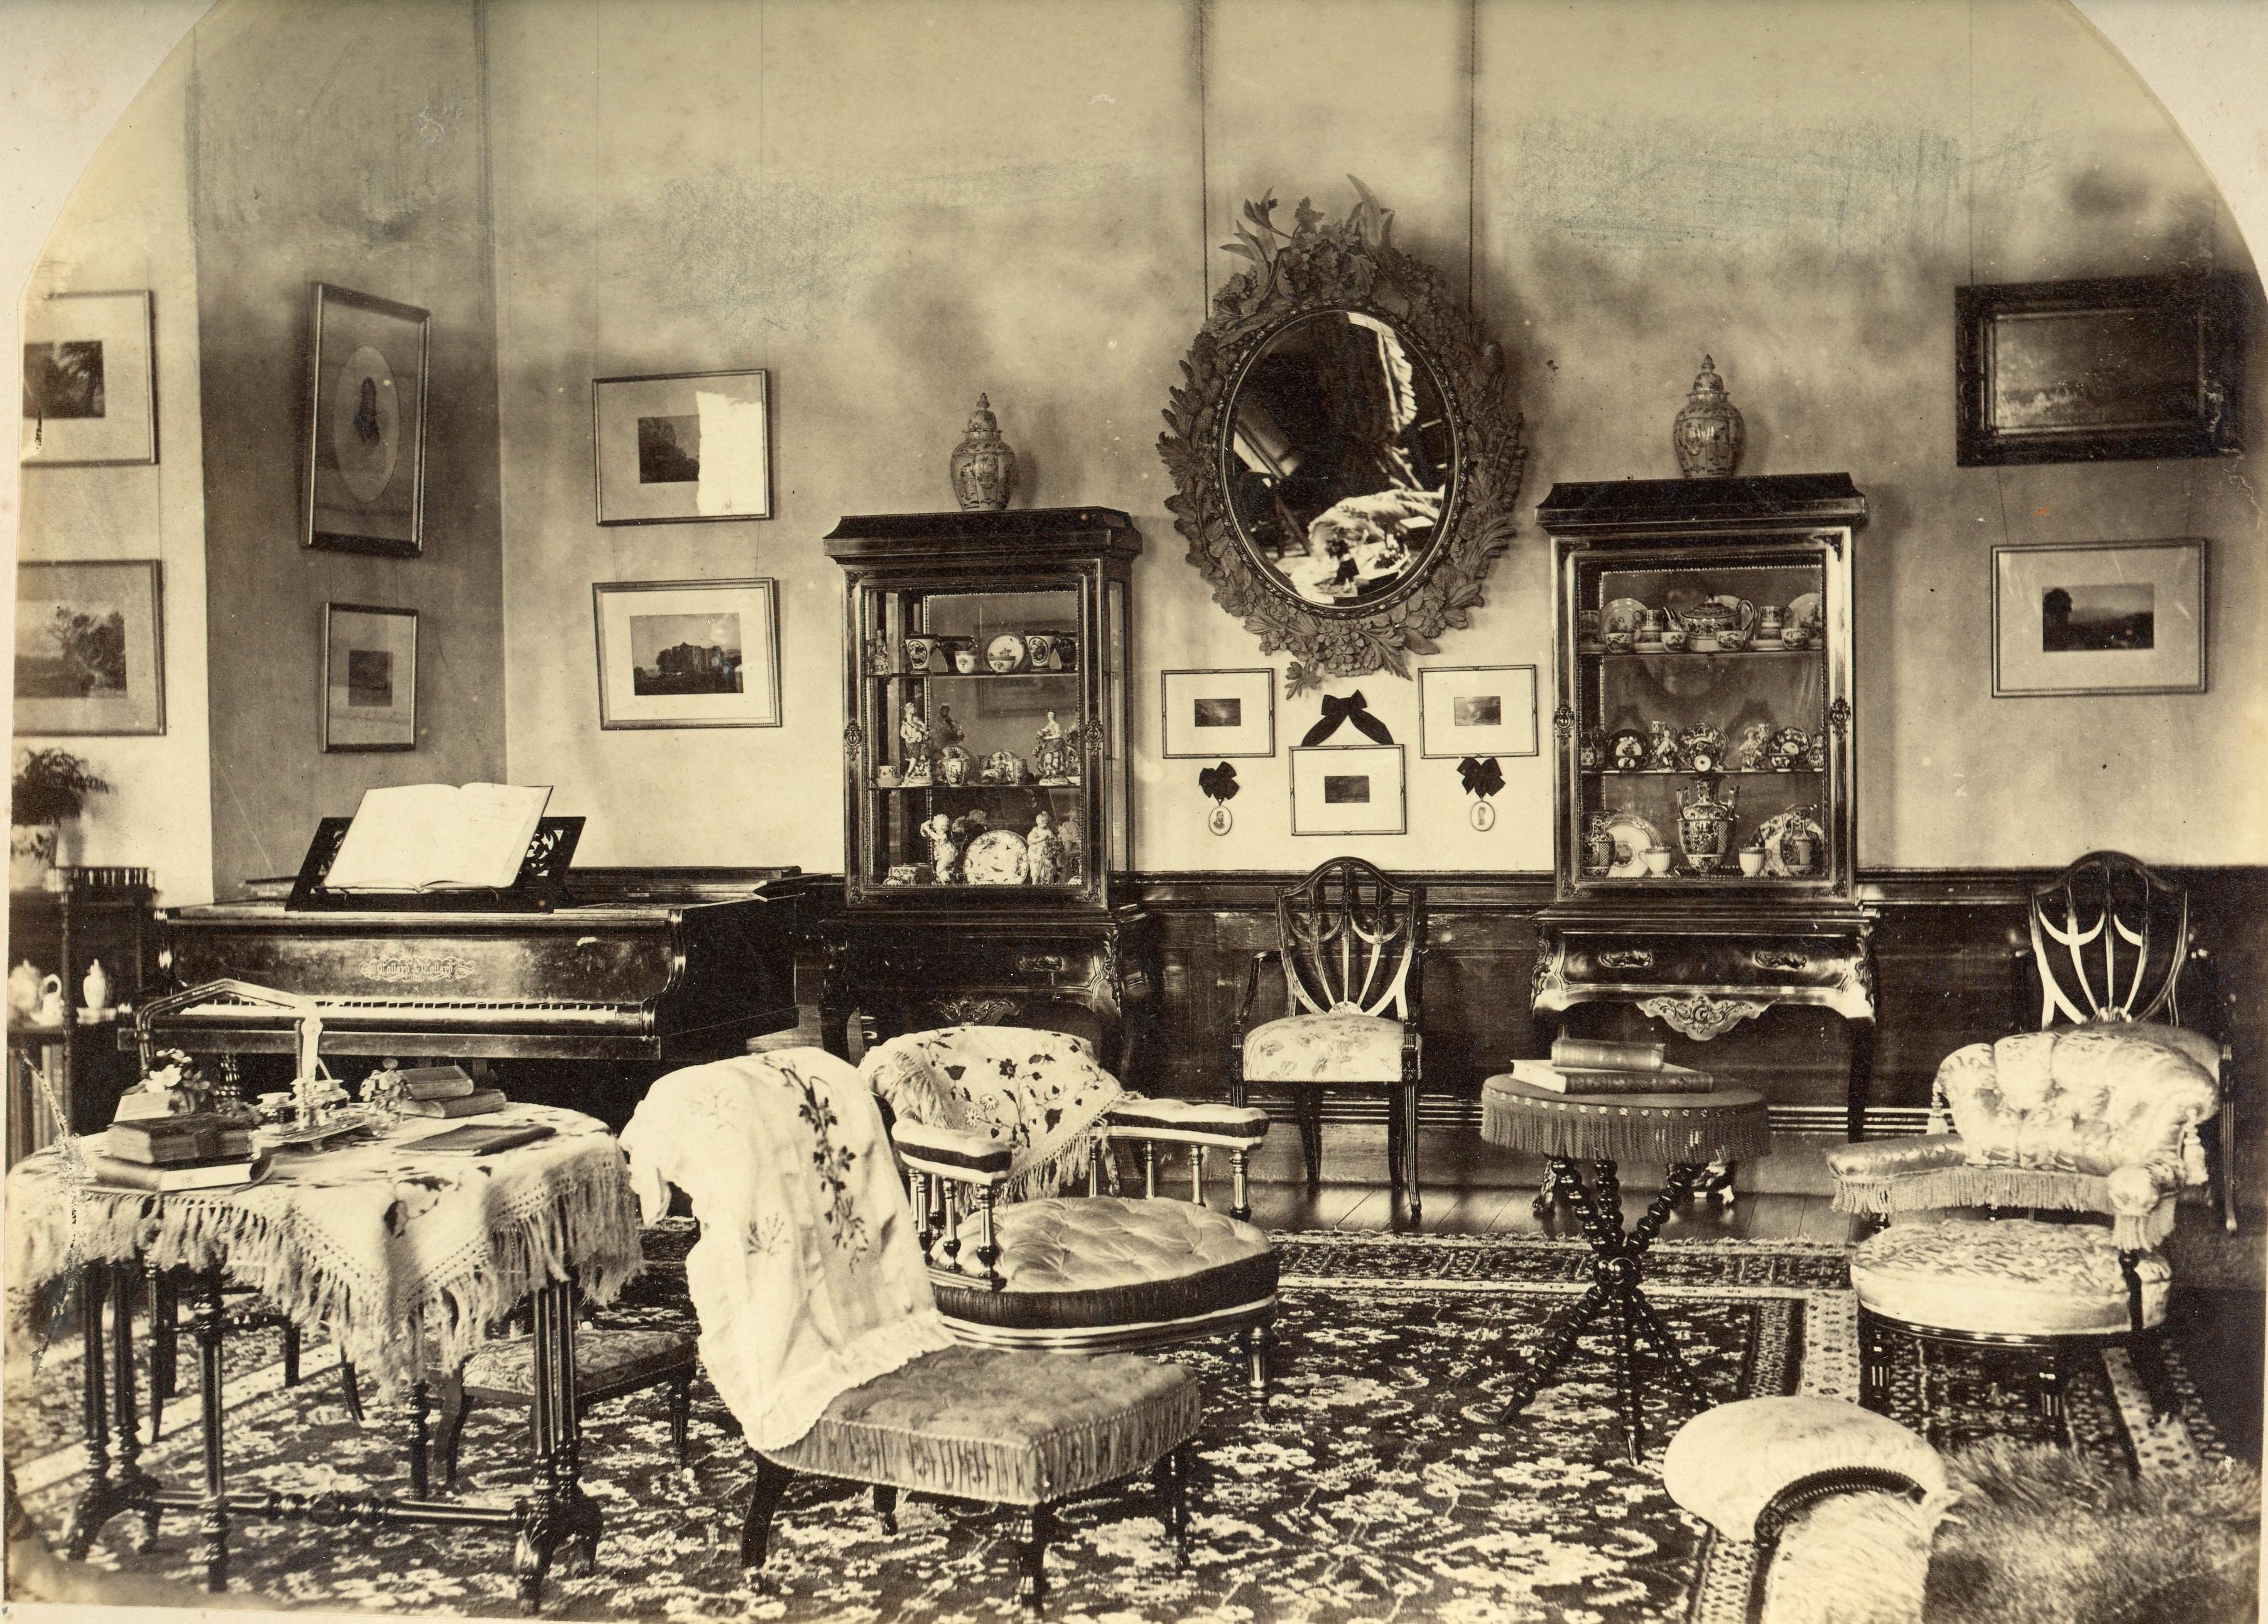 Historic Drawing Room at Norwood Park